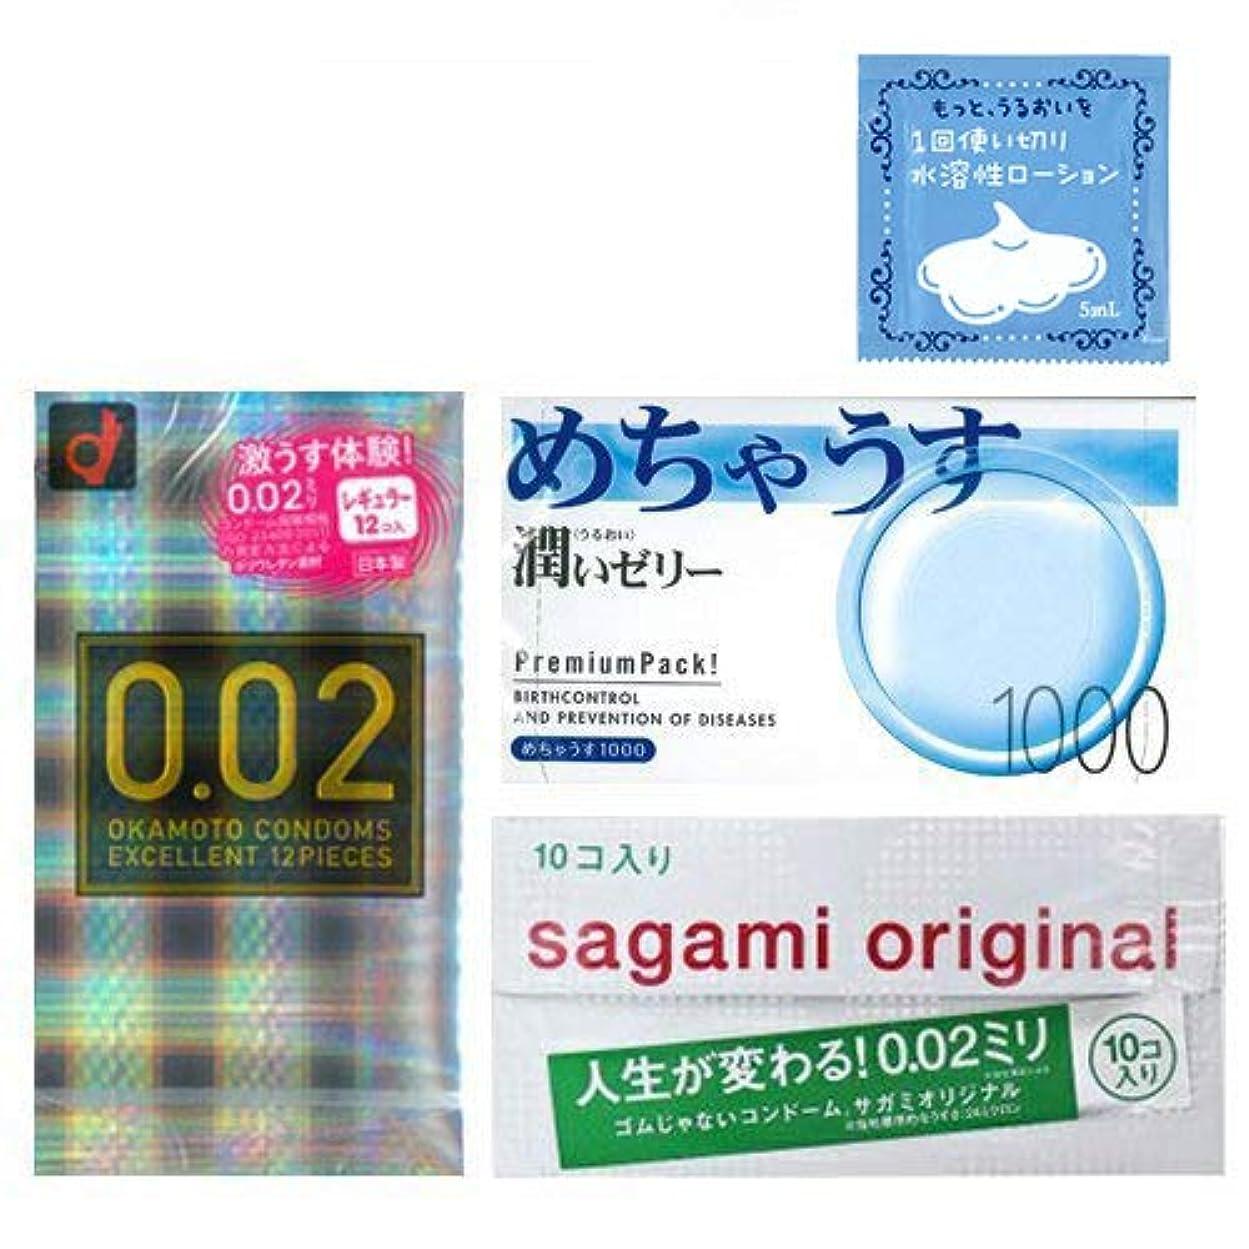 《まとめ買いセット》人気コンドーム3箱セット(34個入り)+ 1回使い切り水溶性潤滑ローション【fr-017】